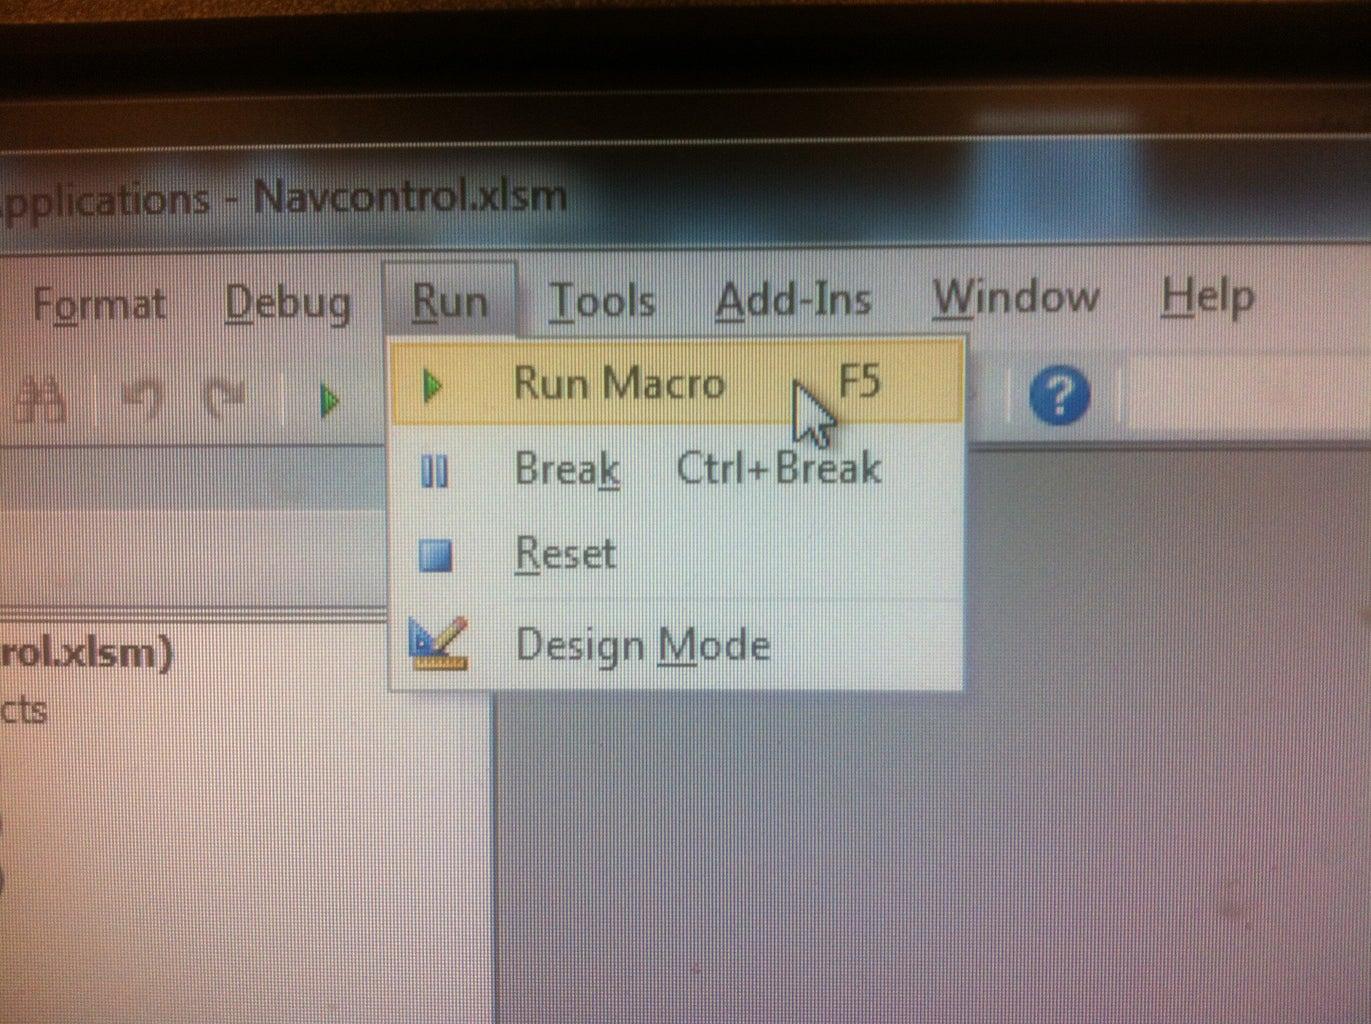 Run the Macro